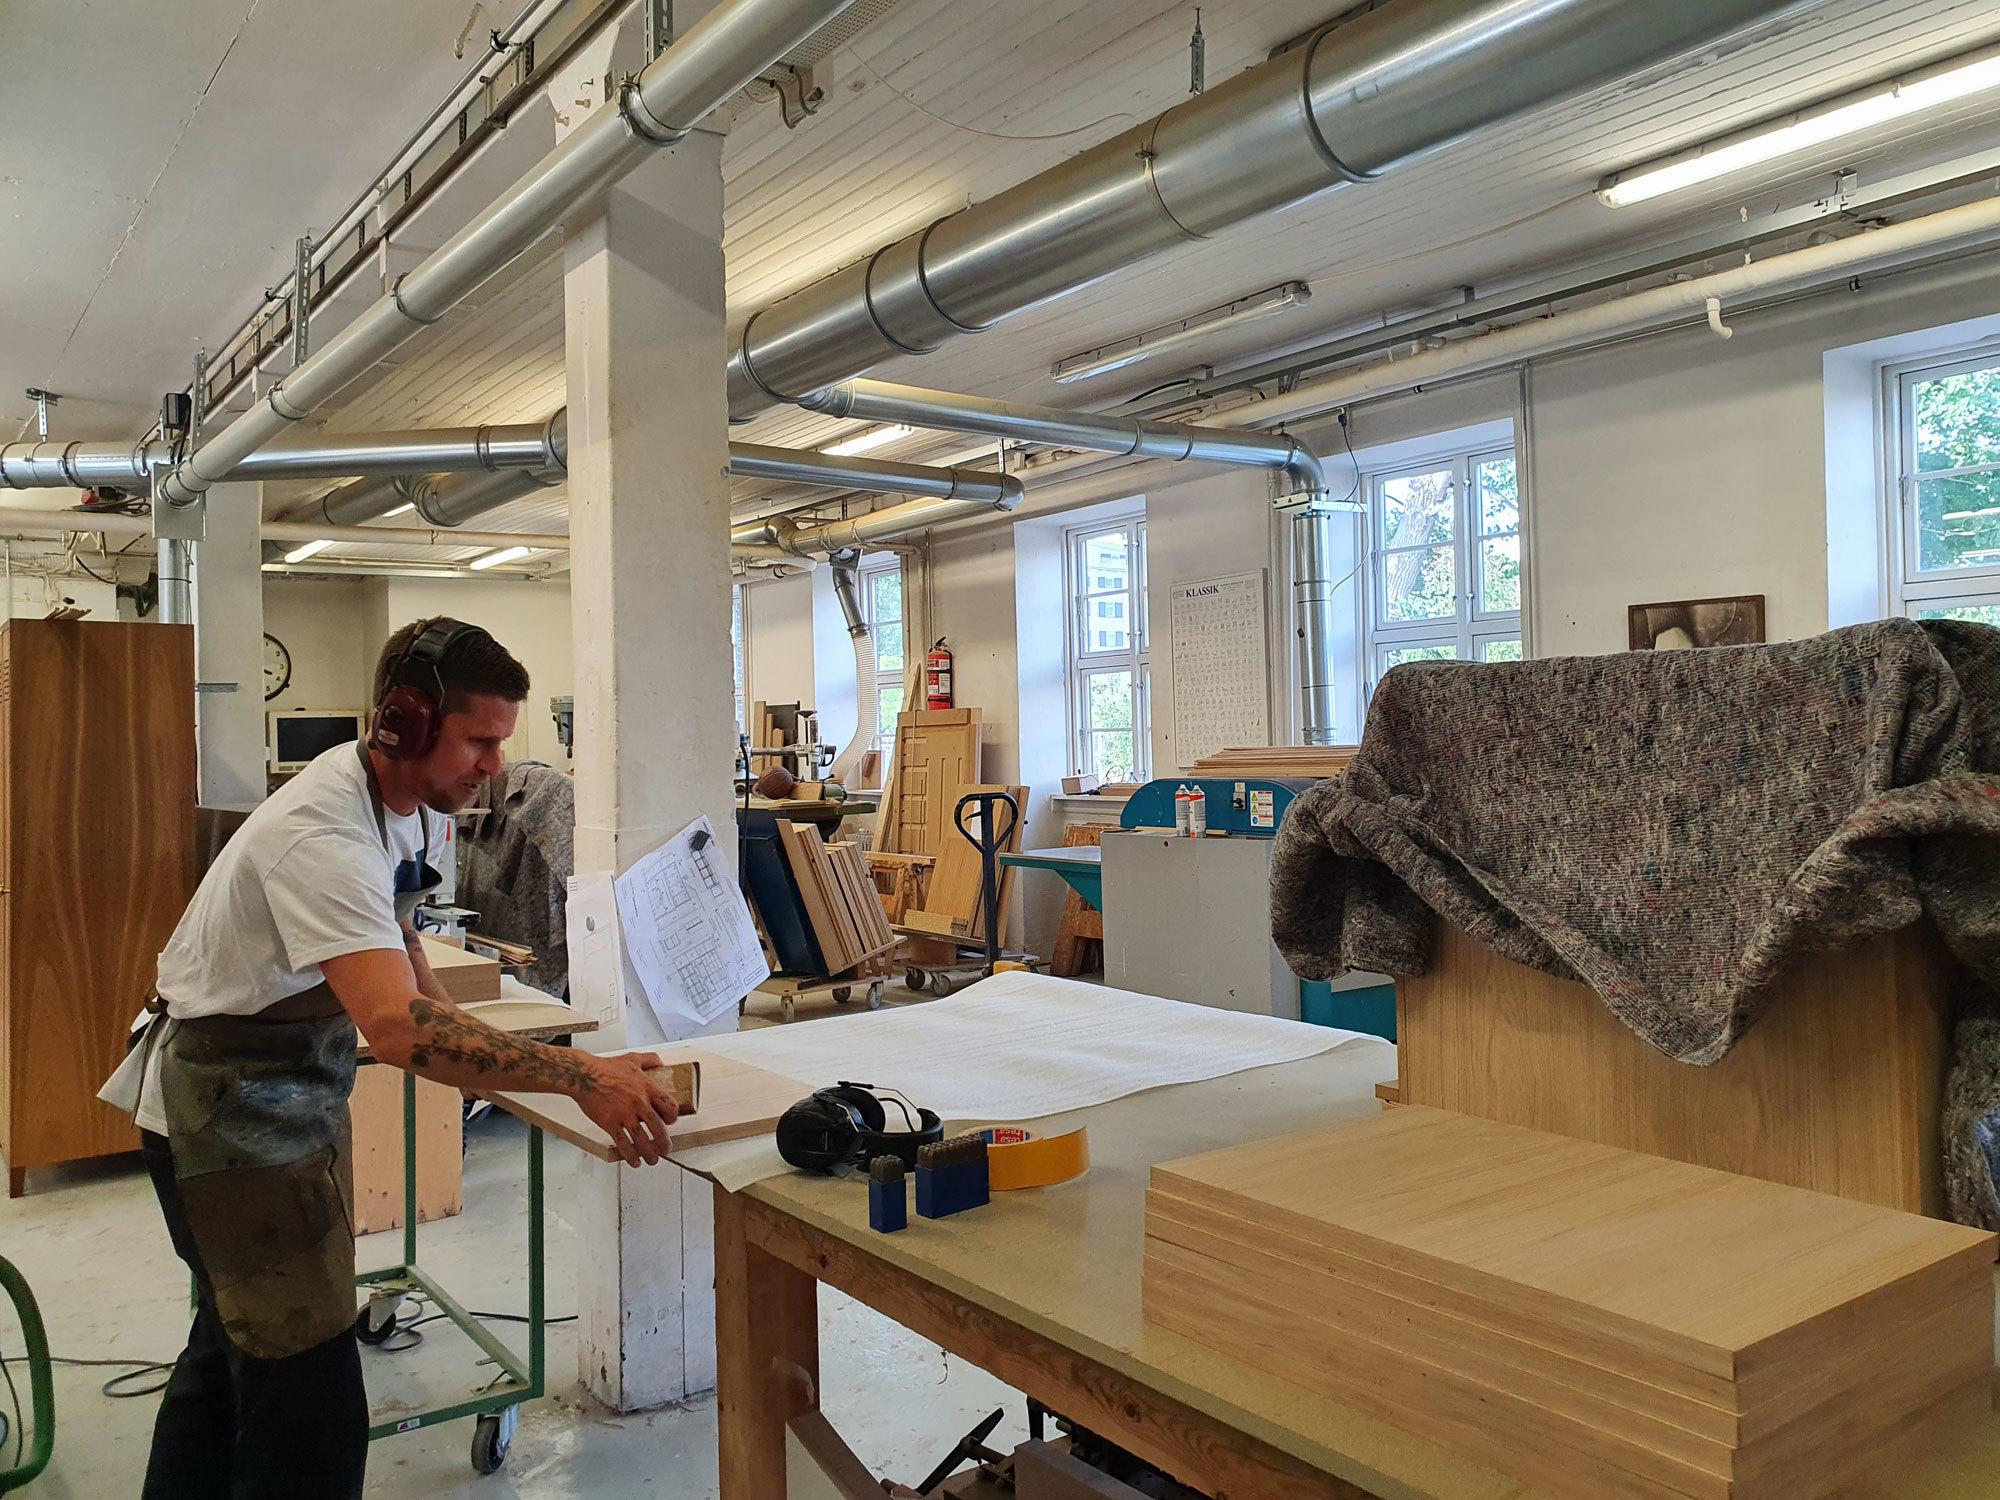 In einem Hinterhof auf Islands Brygge werden die Möbel von Københavns Møbelsnedkeri gefertigt. Foto: Claudia Simone Hoff